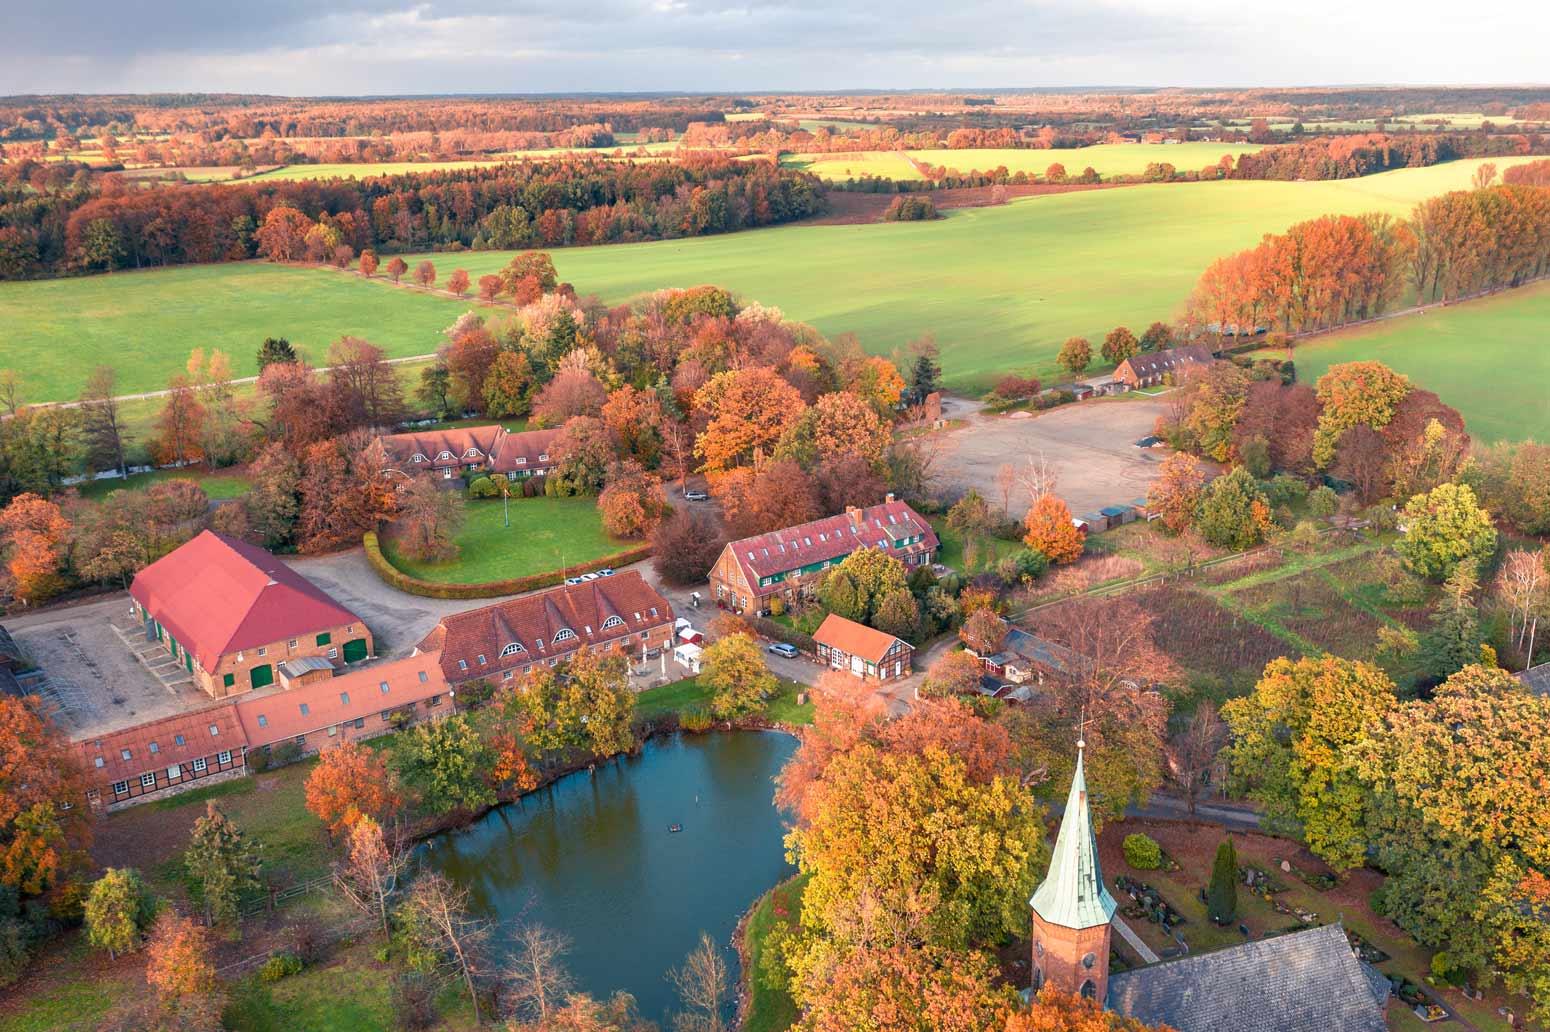 Die Jagdschule auf dem Gut Basthorst bei Hamburg im Herbst bei Sonnenuntergang aus Süden.Die Gutswirtschaft Pferdestall, die Jagdschule, die Kirche sowie das Gut Basthorst.